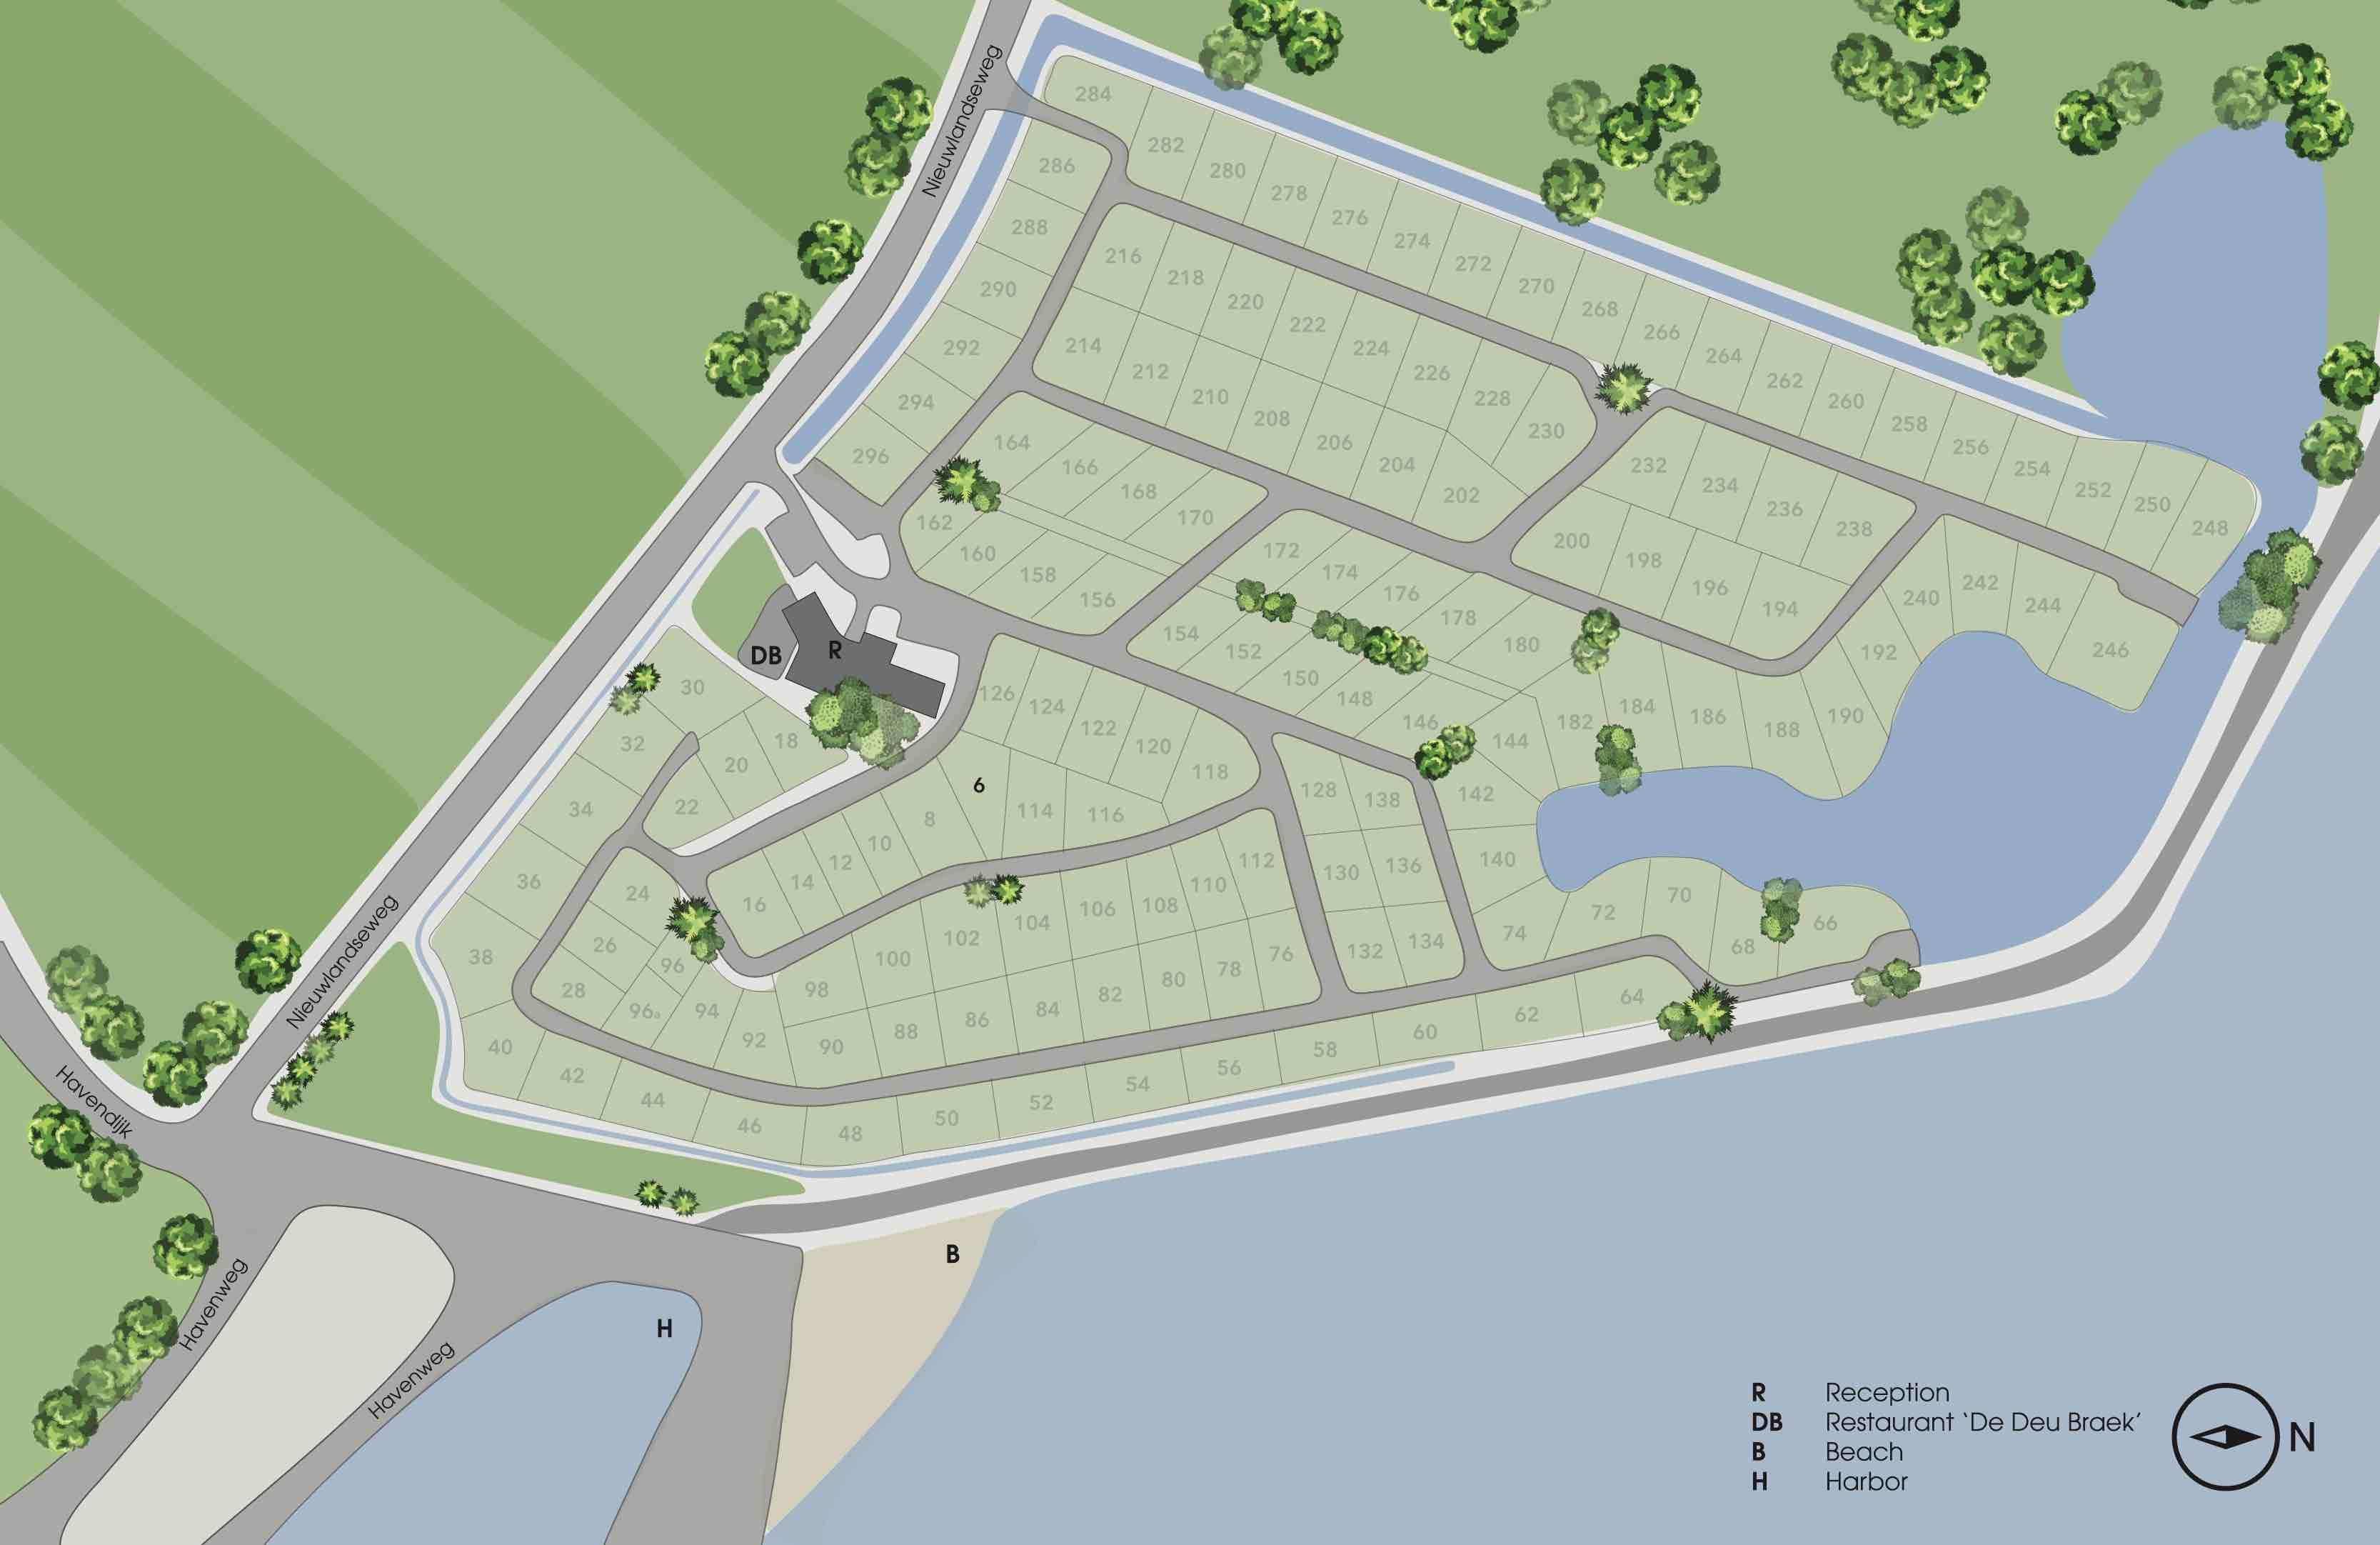 Zeeland Map - V2 - Huis 6